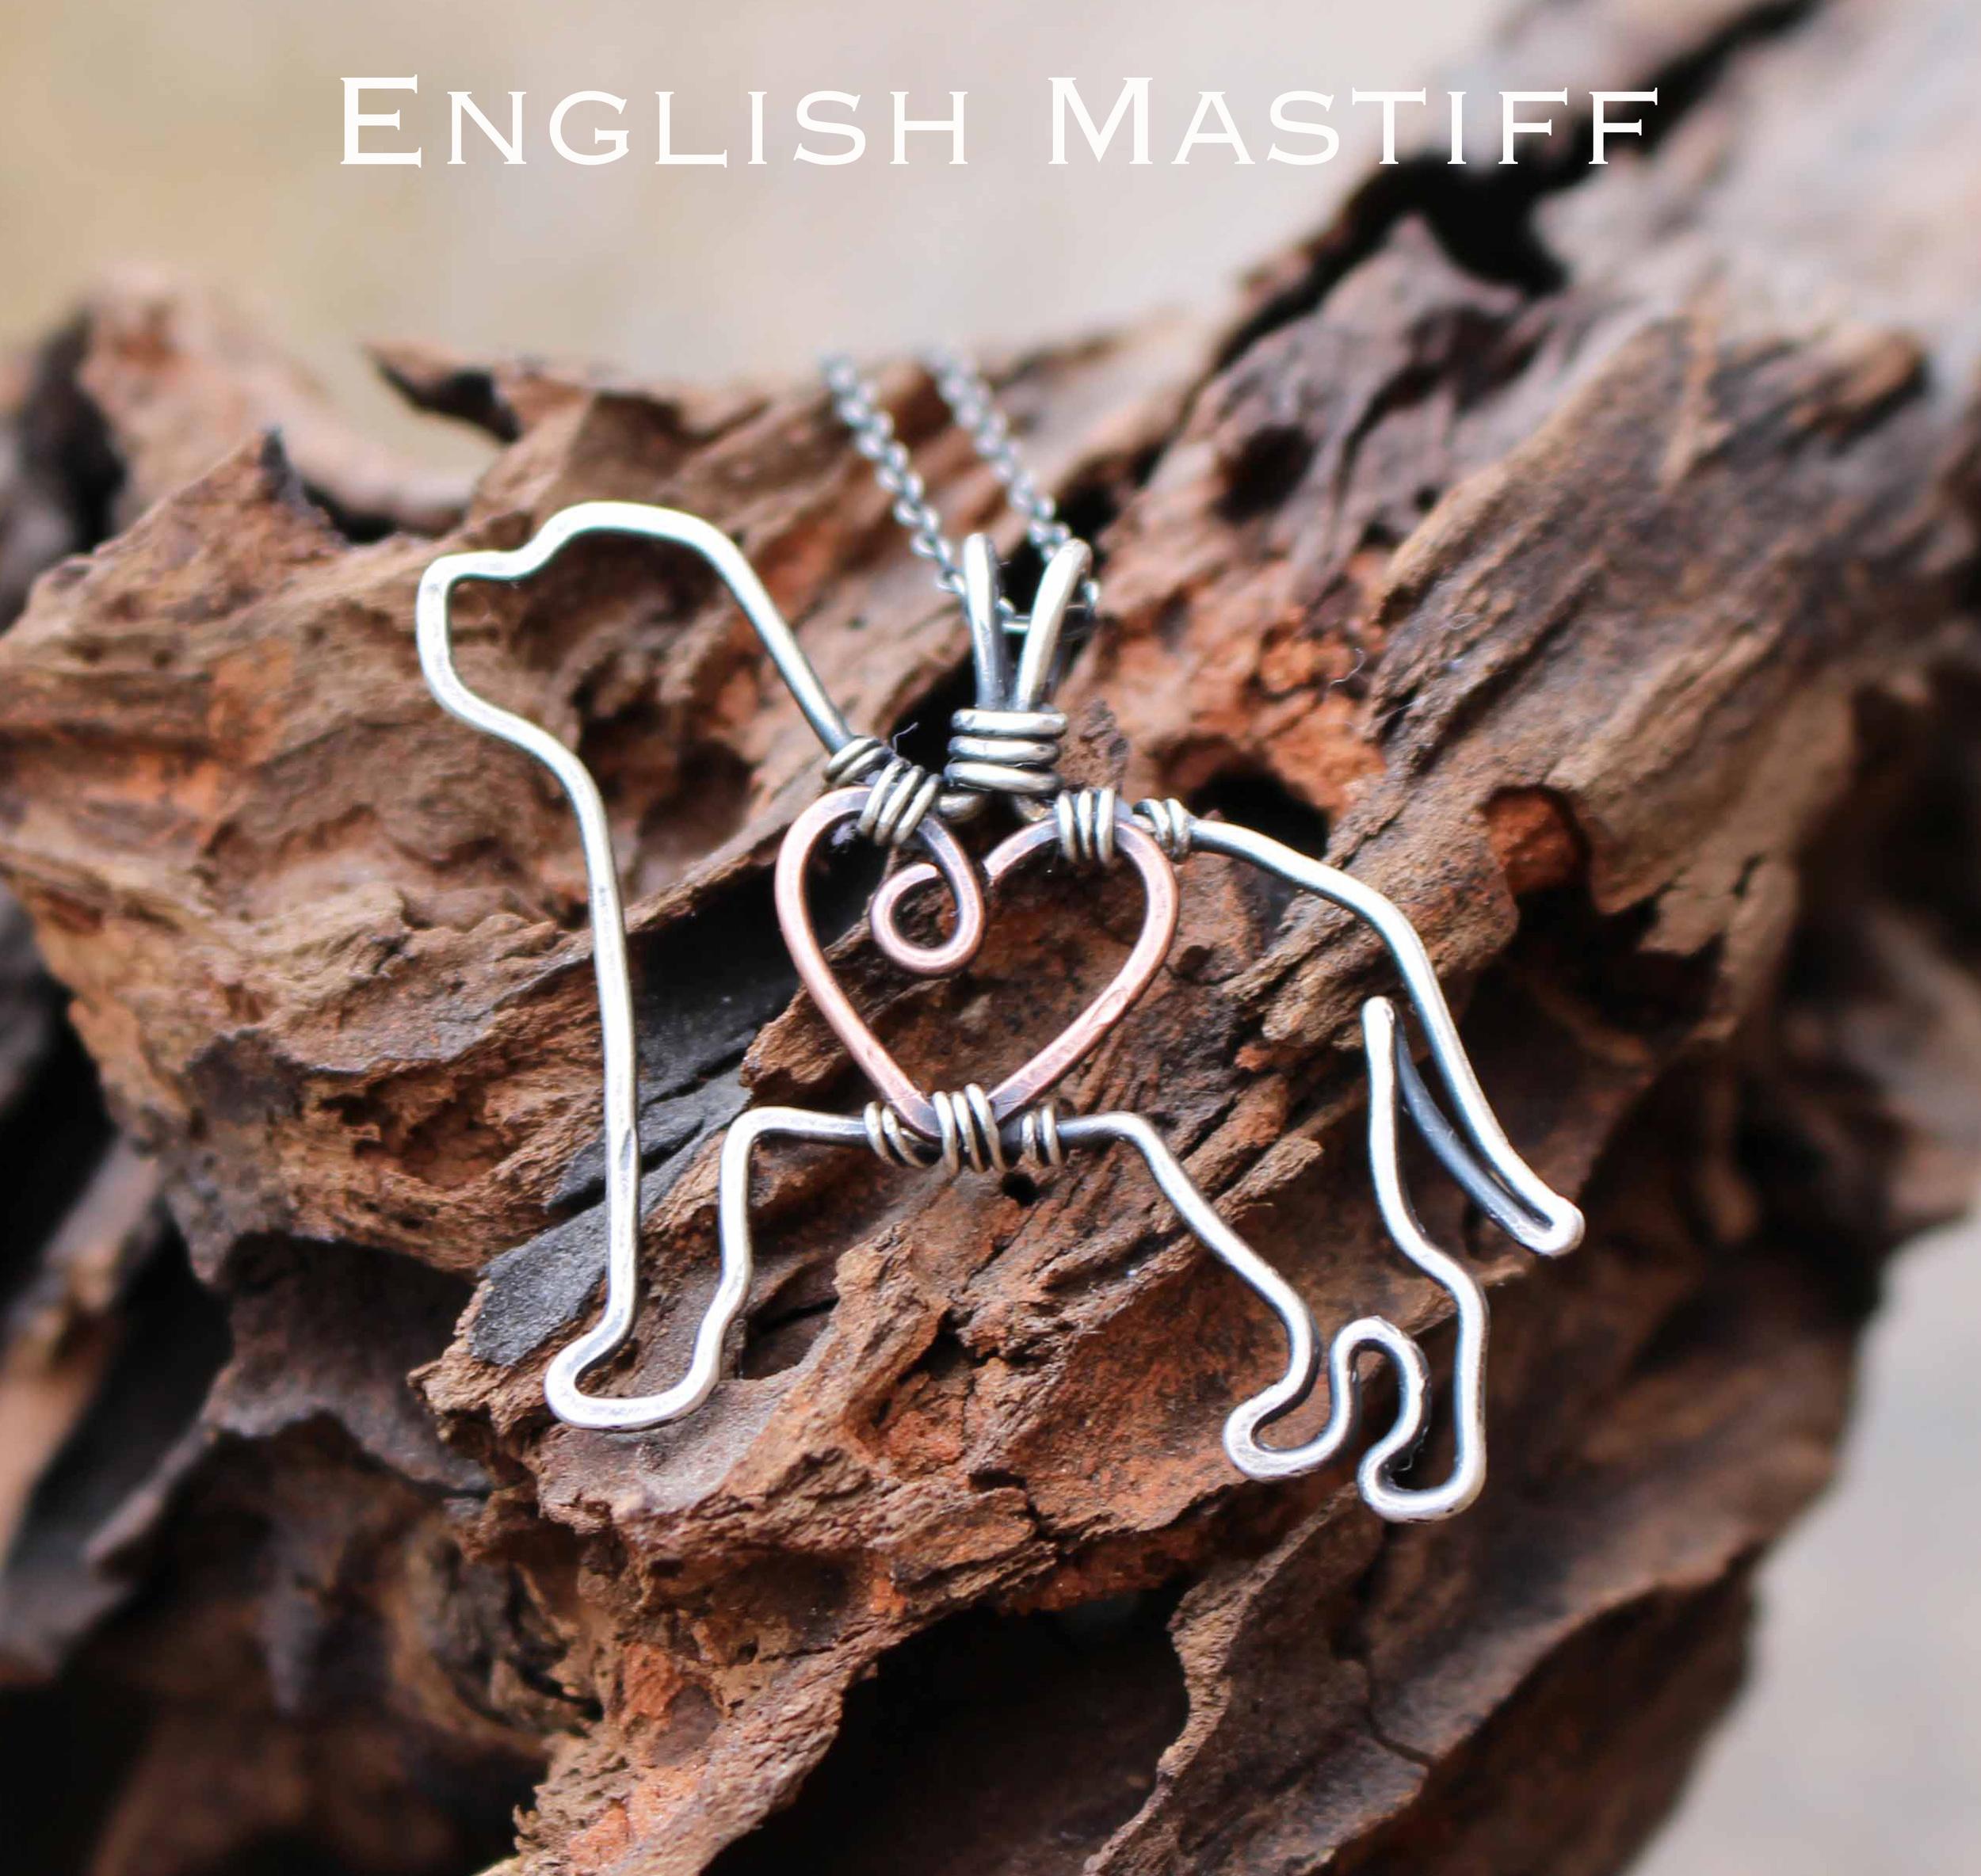 English mastiff.jpg